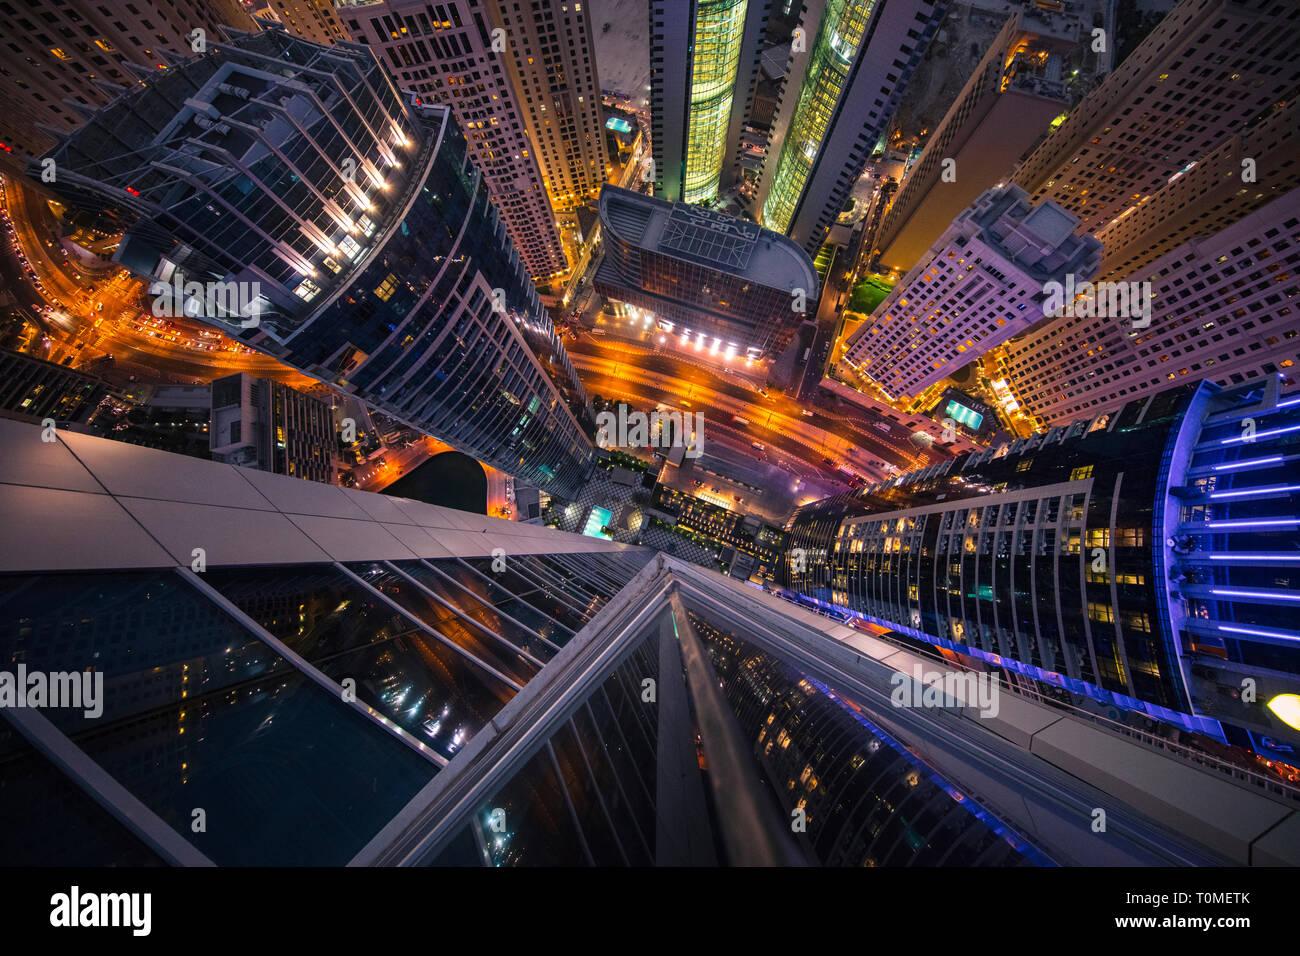 Une vue en perspective de la Marina de Dubaï, DUBAÏ, ÉMIRATS ARABES UNIS Banque D'Images